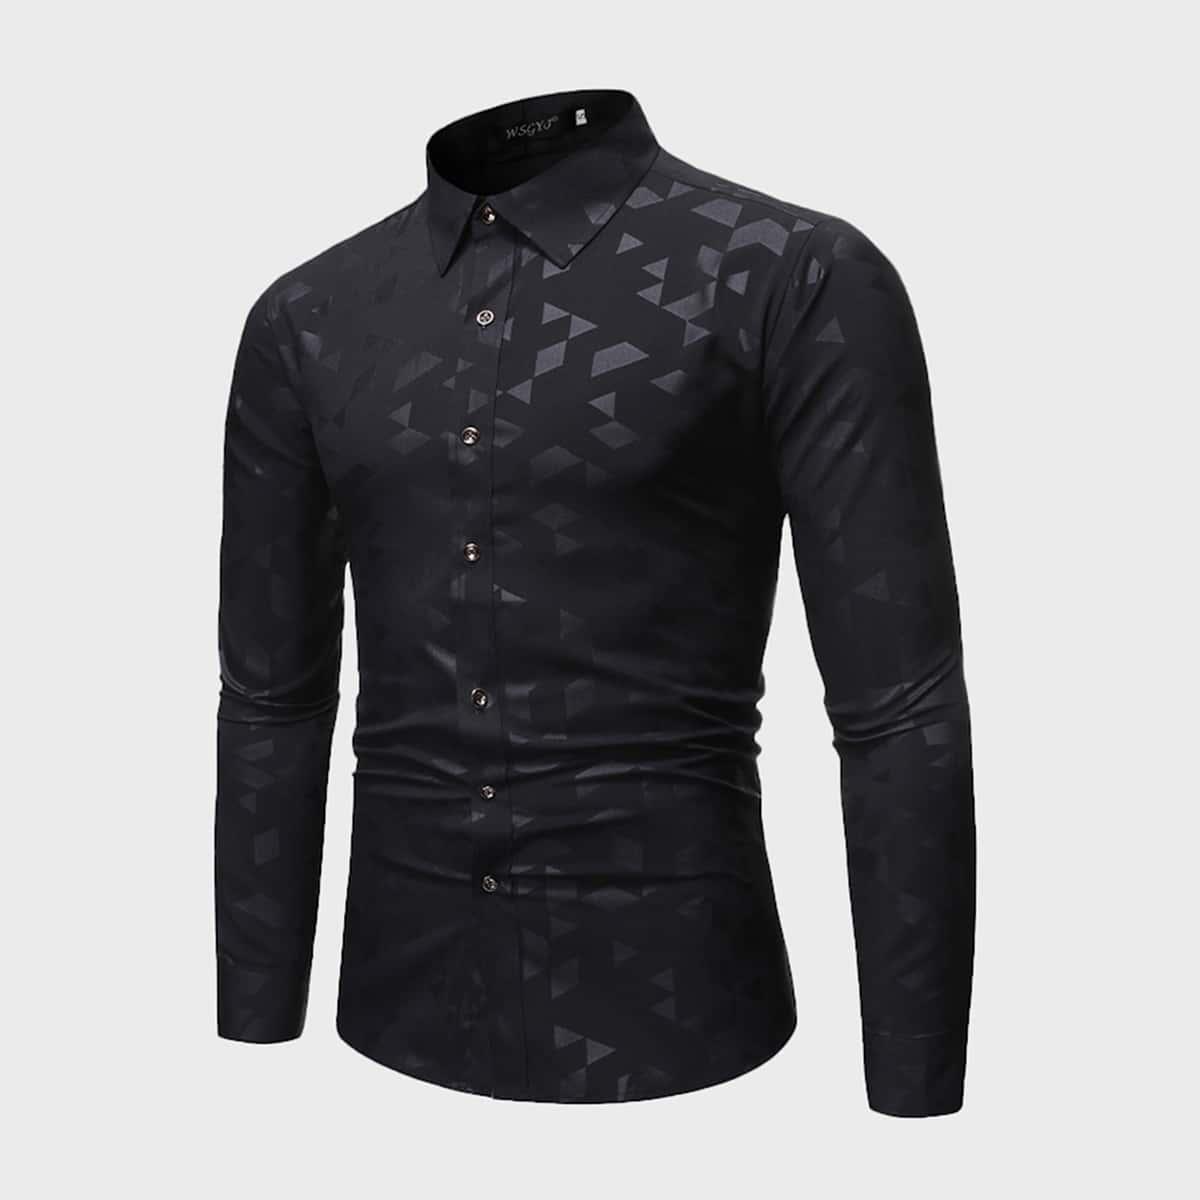 Мужская рубашка с пуговицами и геометрическим принтом